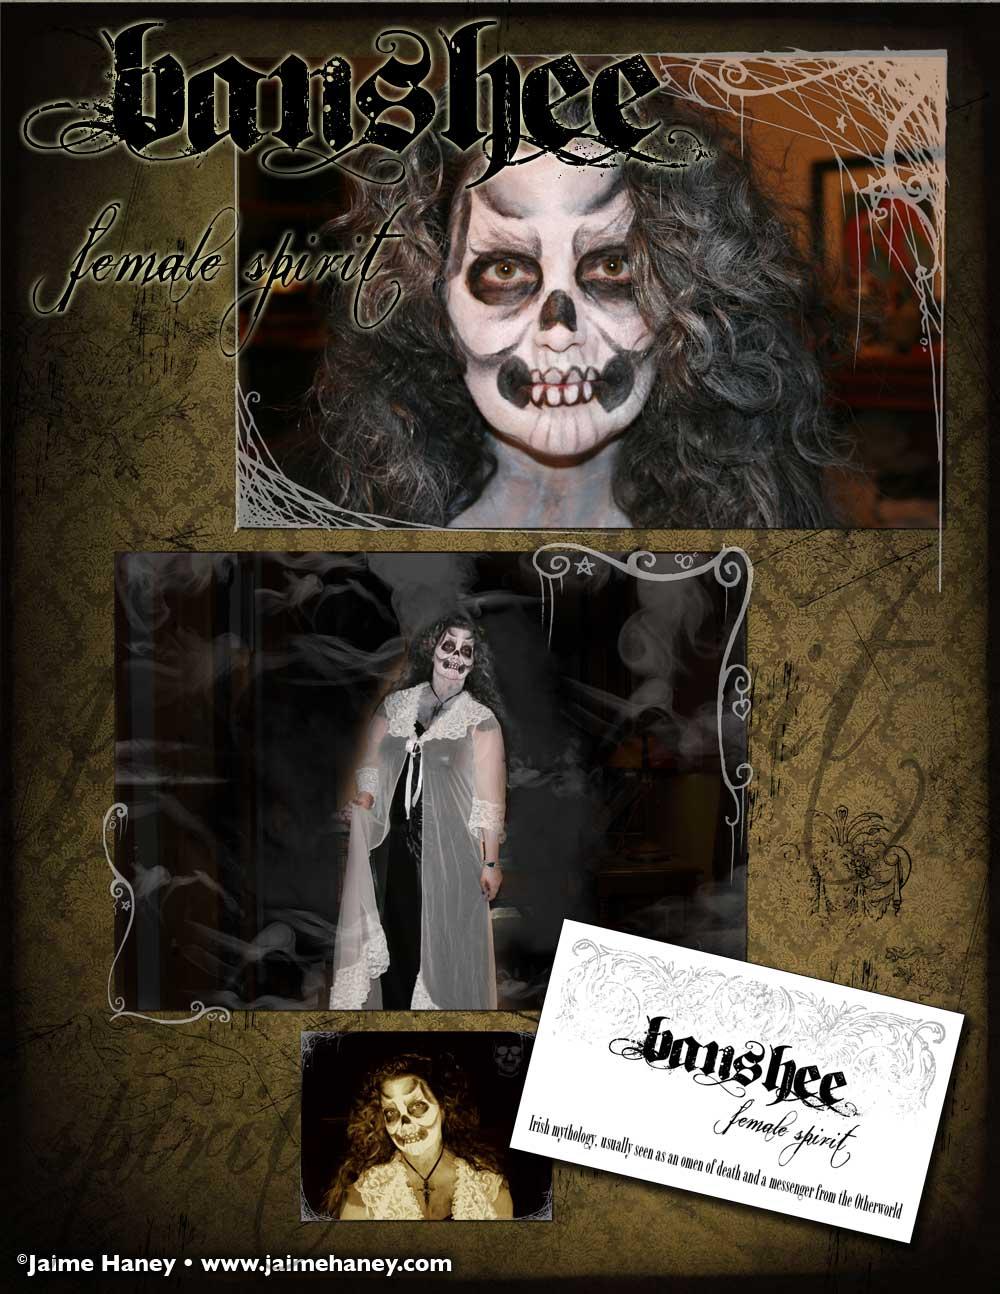 Banshee female spirit makeup tutorial part 3